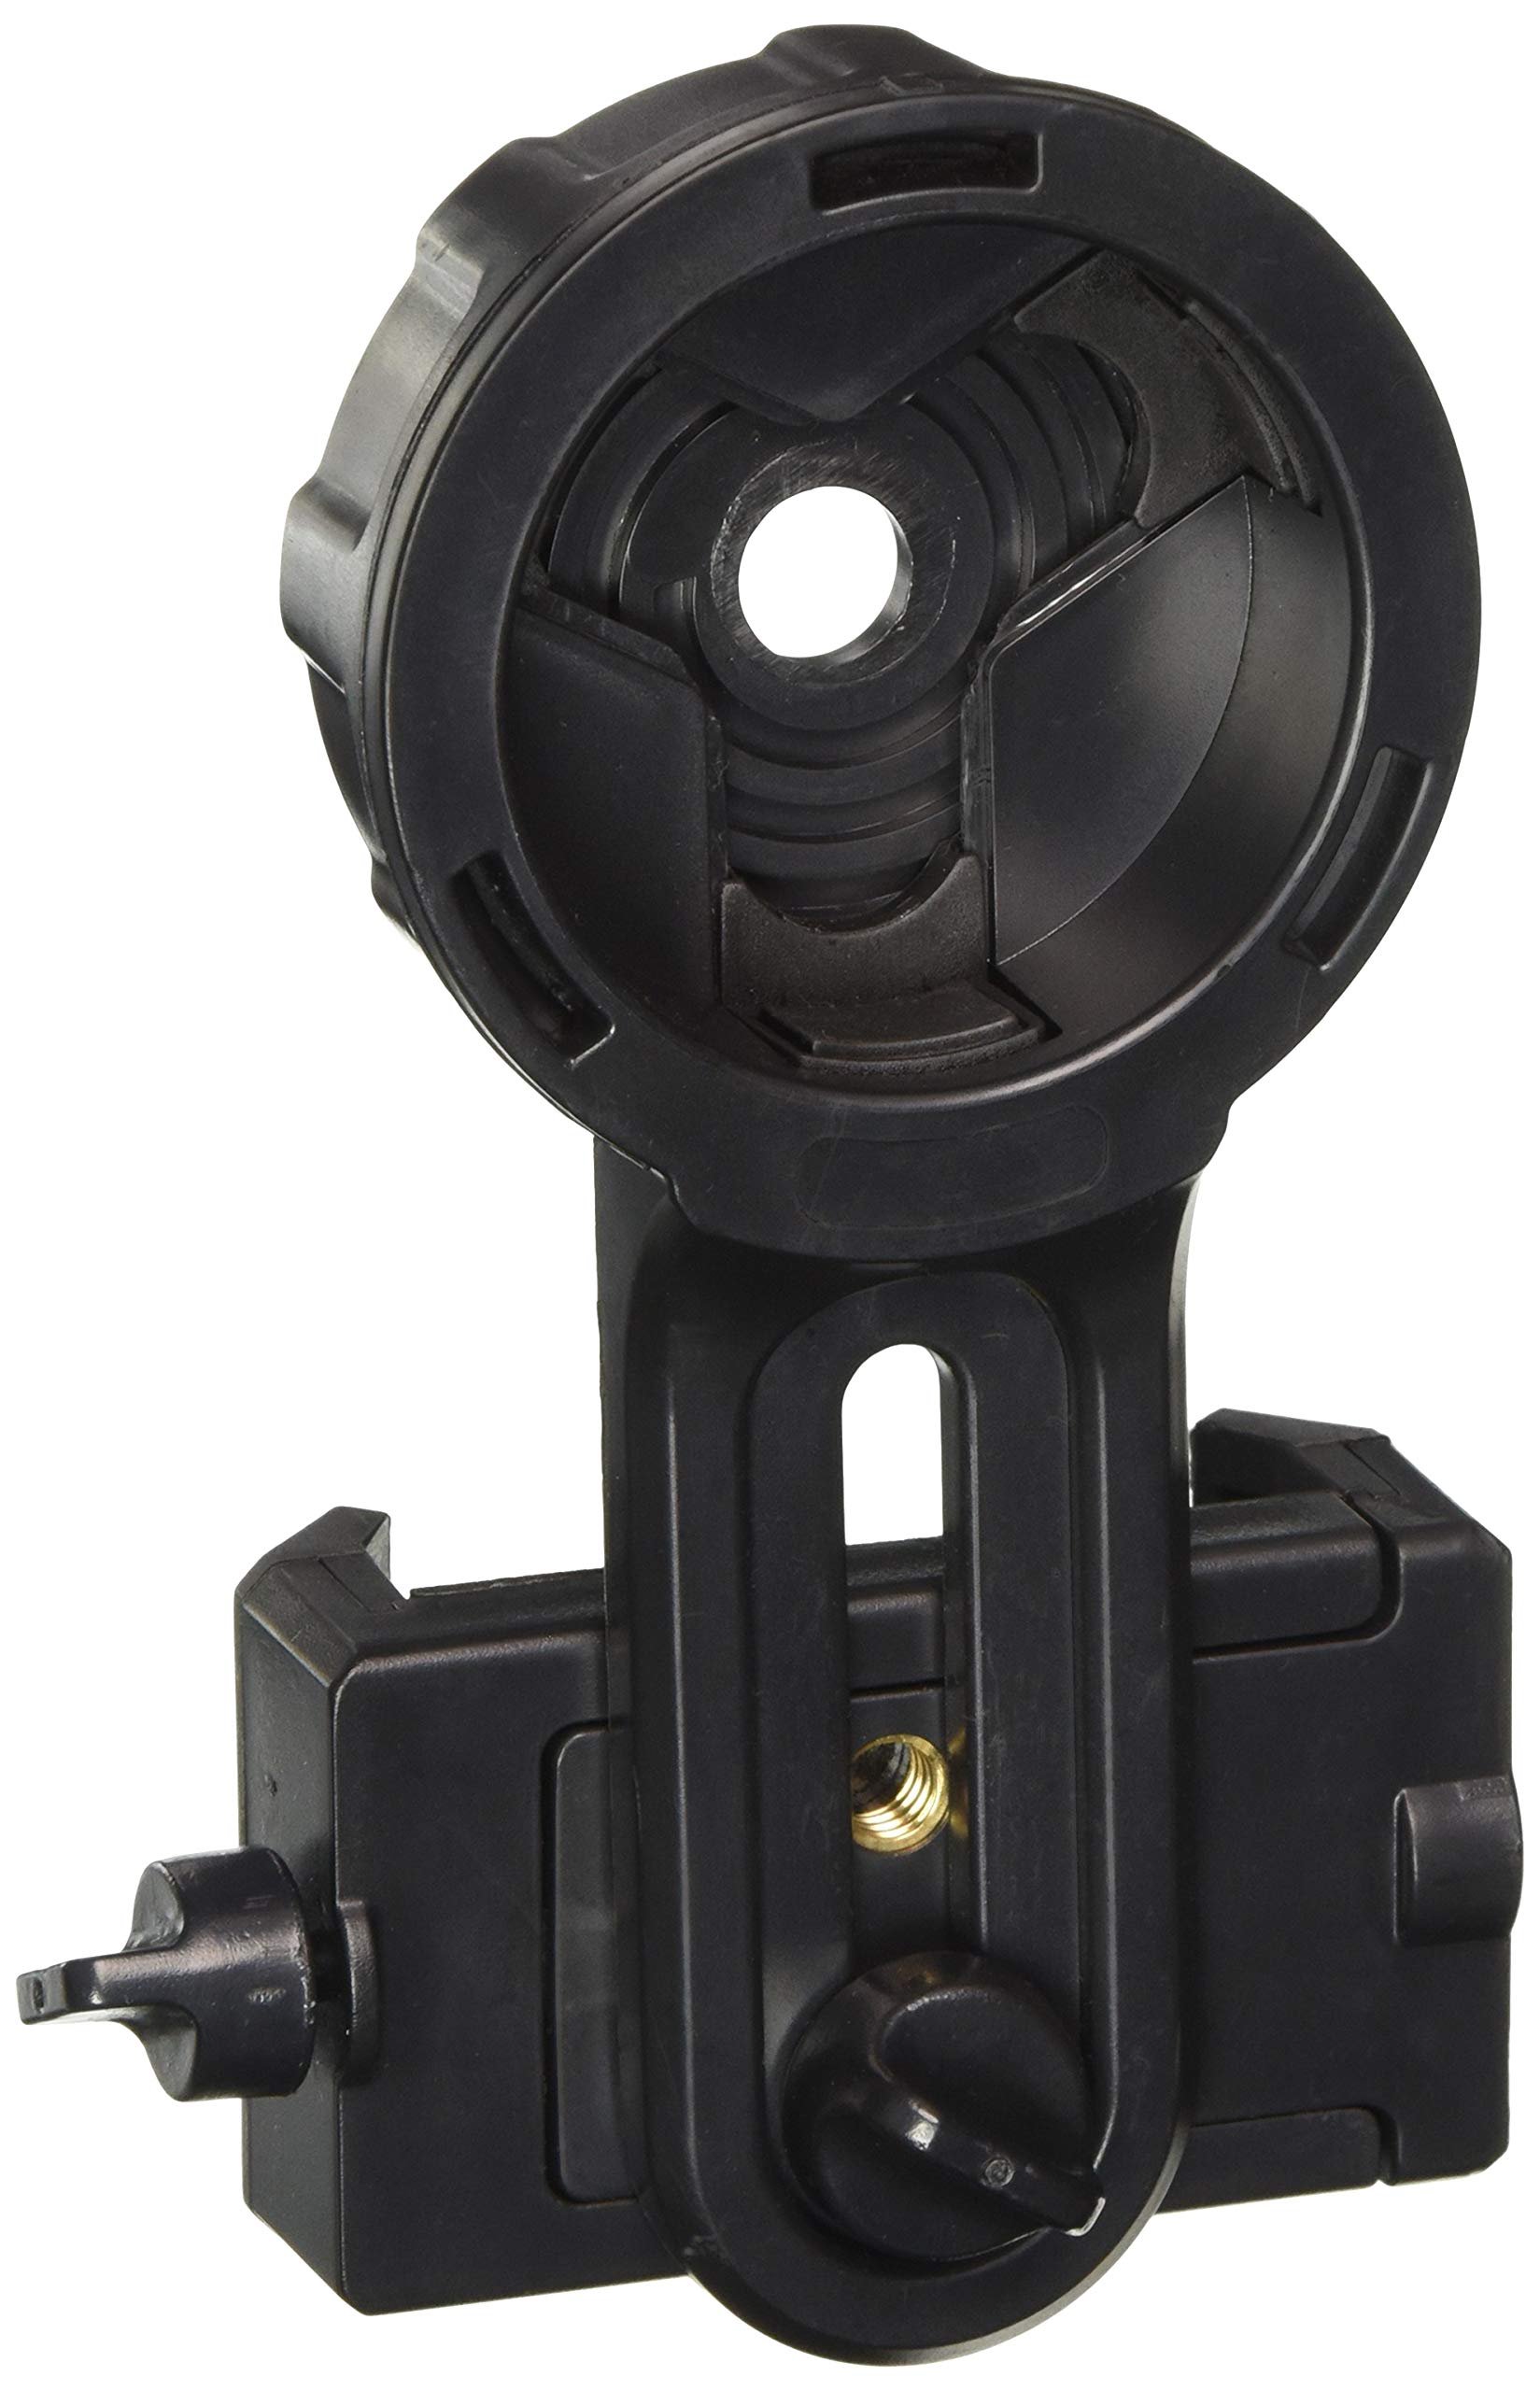 Orion SteadyPix rápido Smartphone Telescopio Adaptador de Fotos: Amazon.es: Electrónica